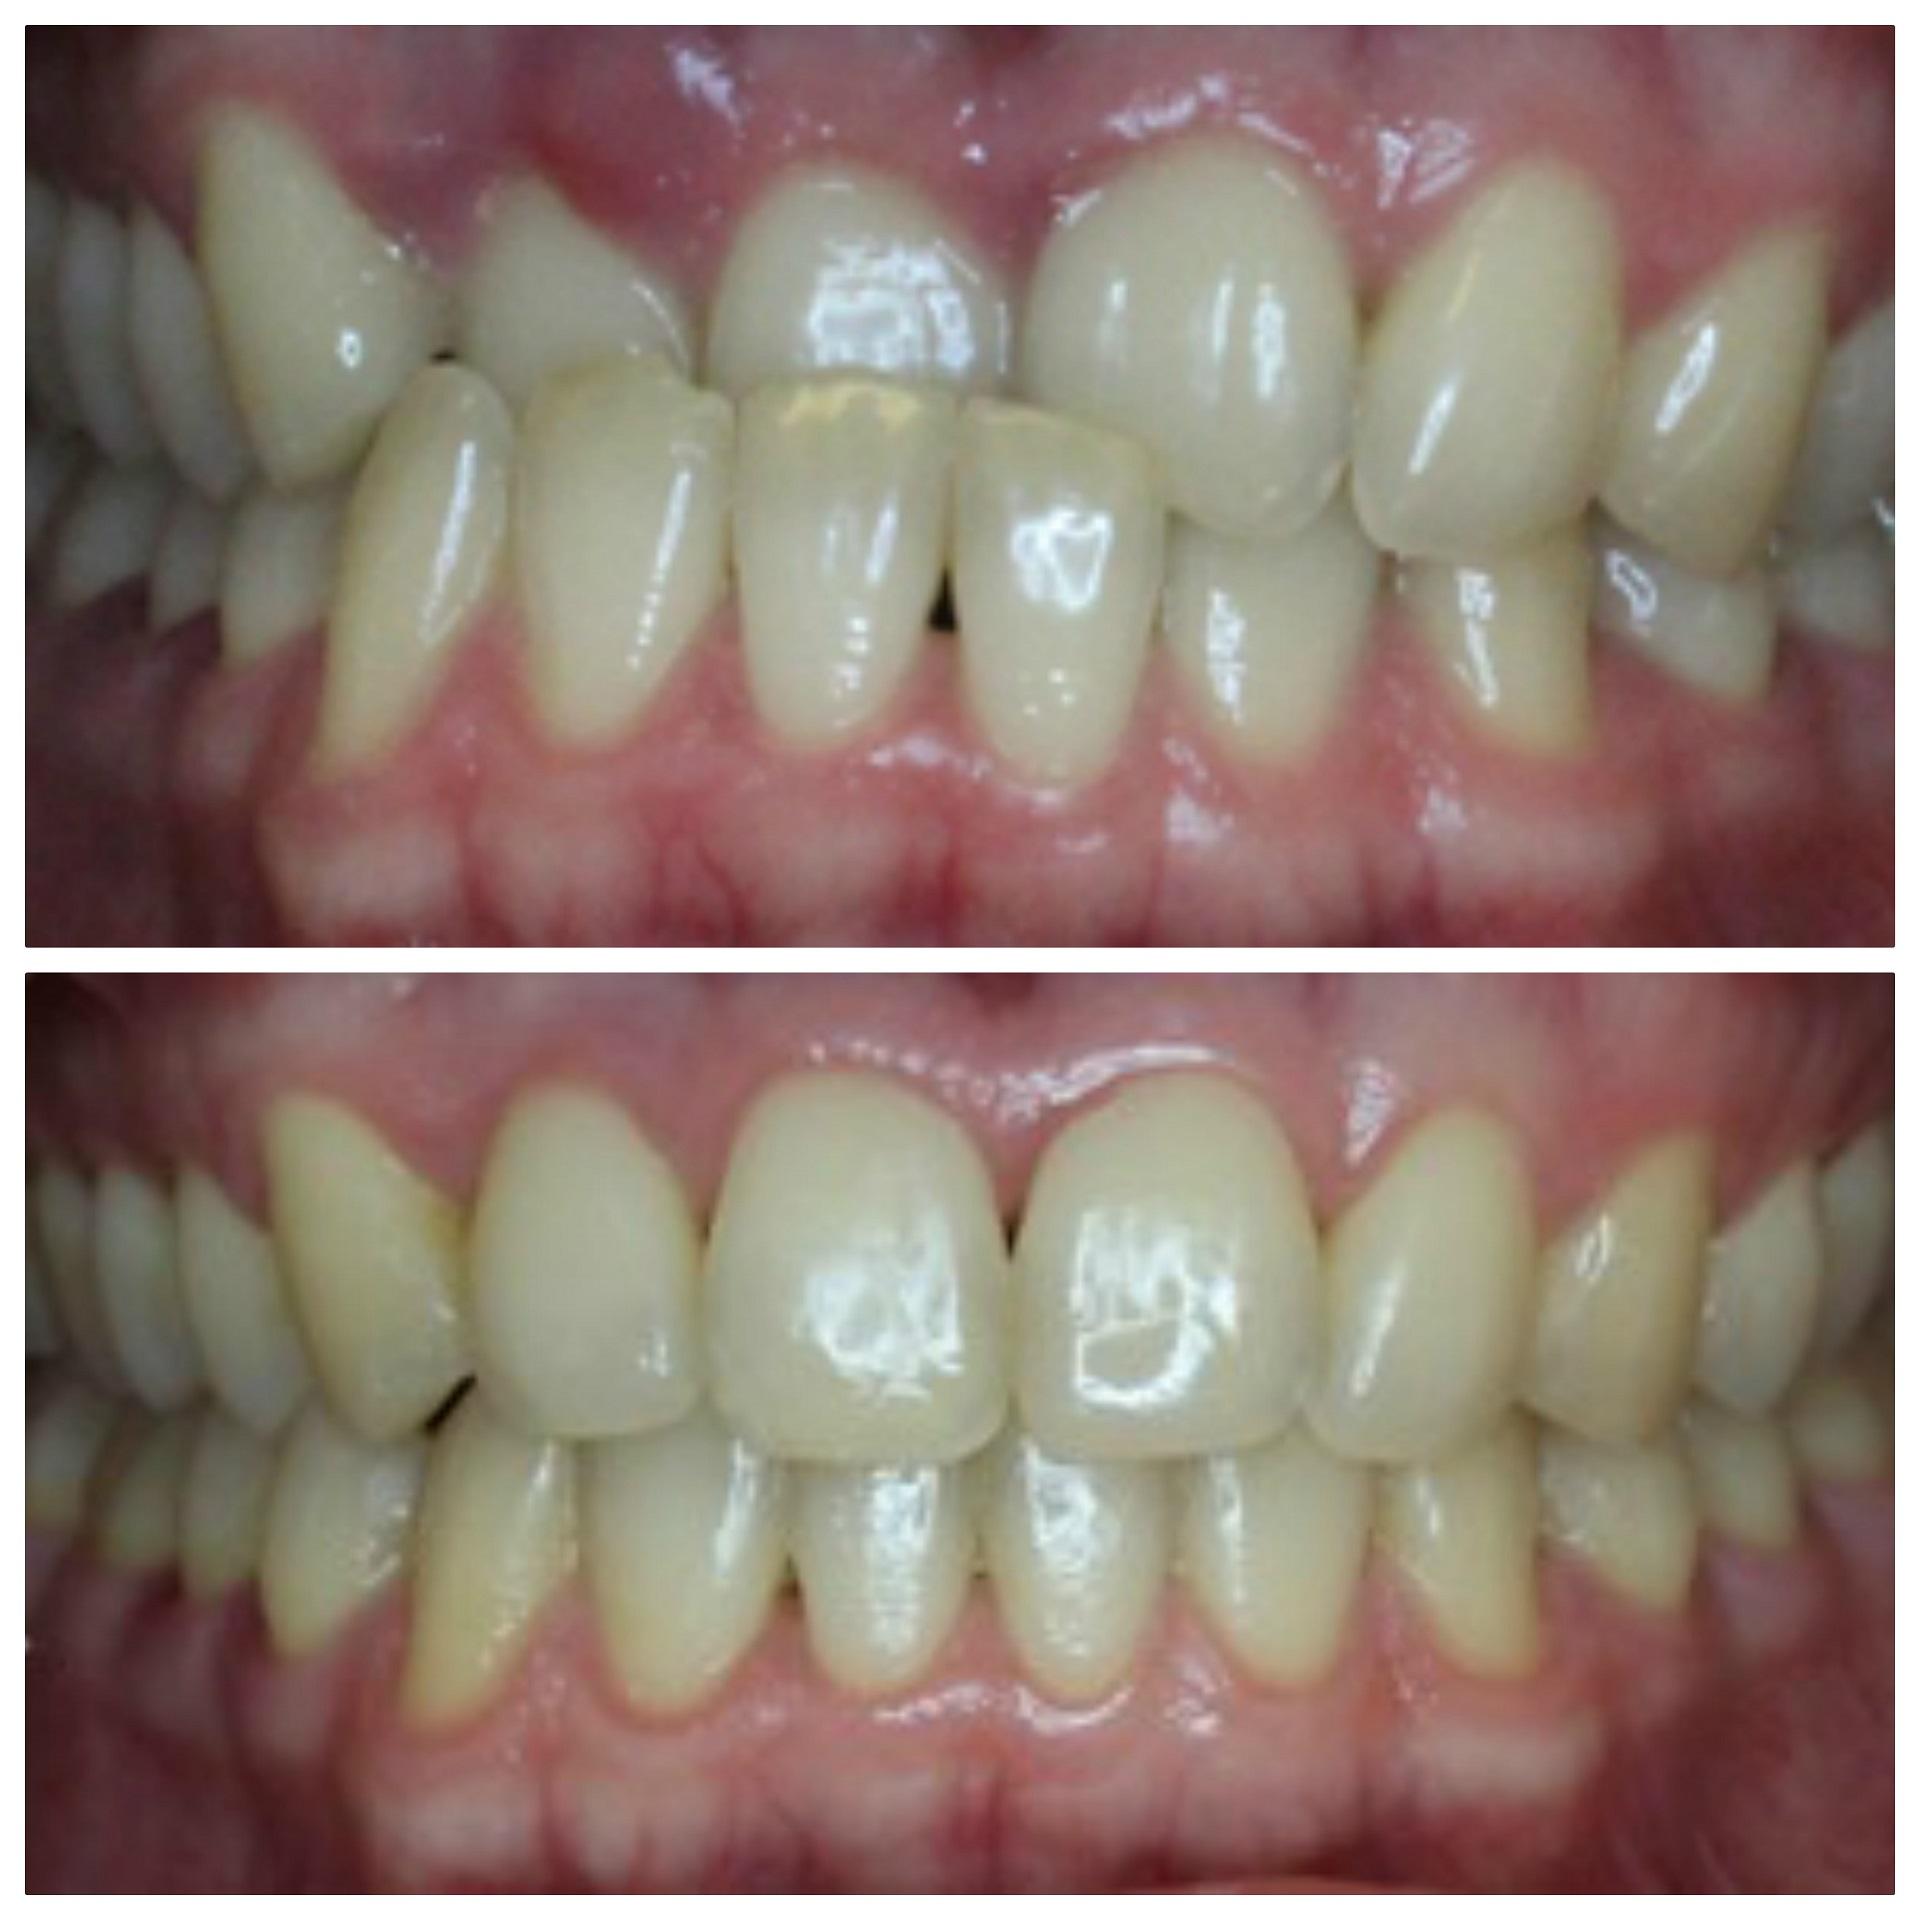 Prieš (nuotrauka viršuje) ir po ortodontinio gydymo.